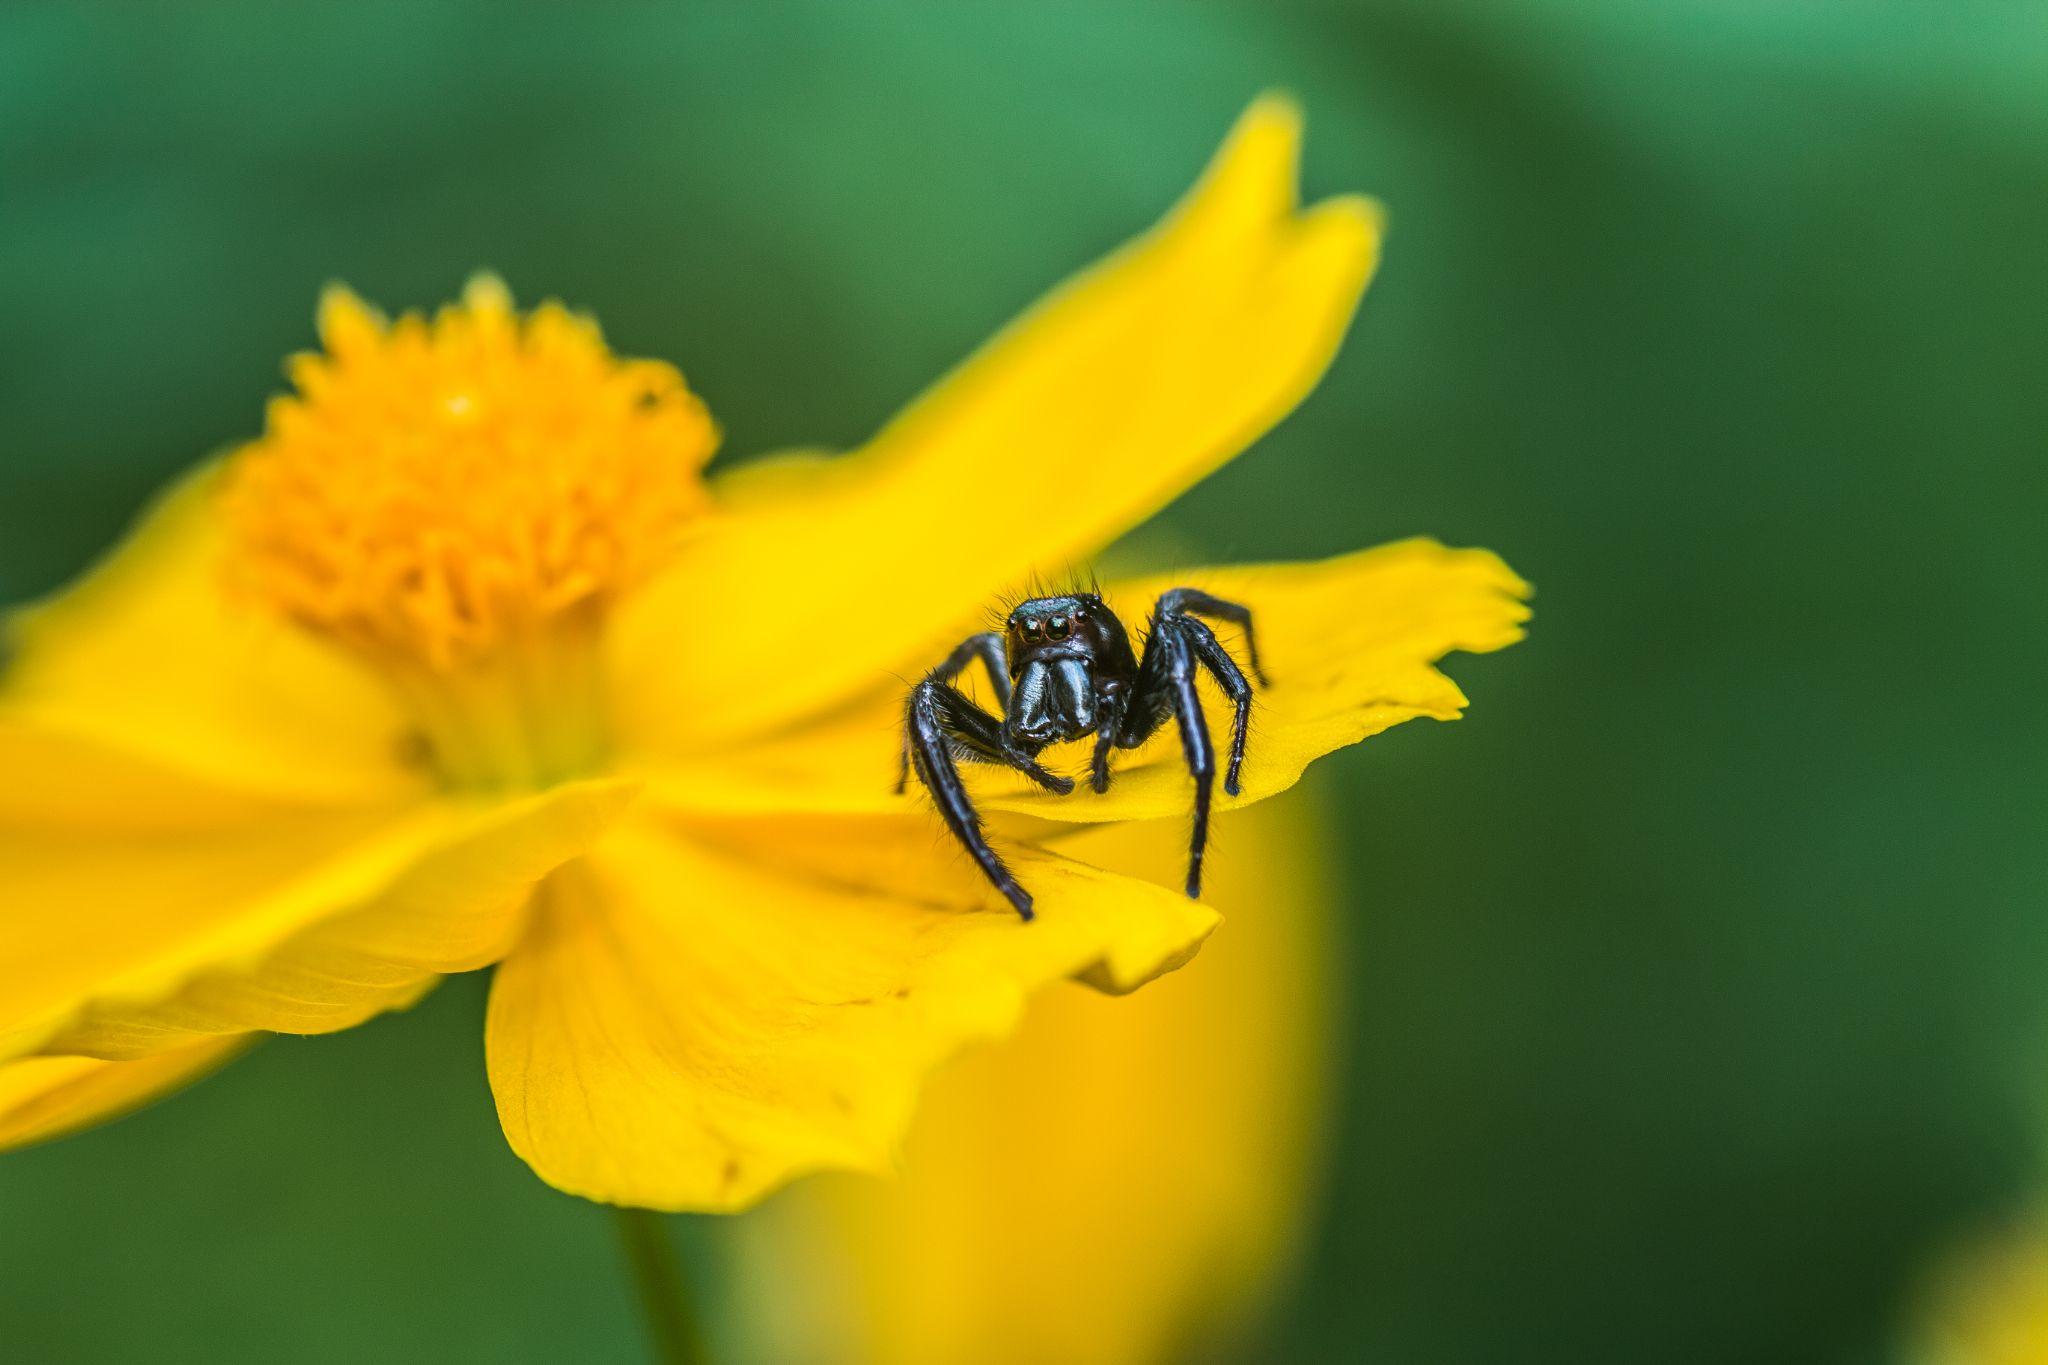 SPIDER by Azad Nechikkade N